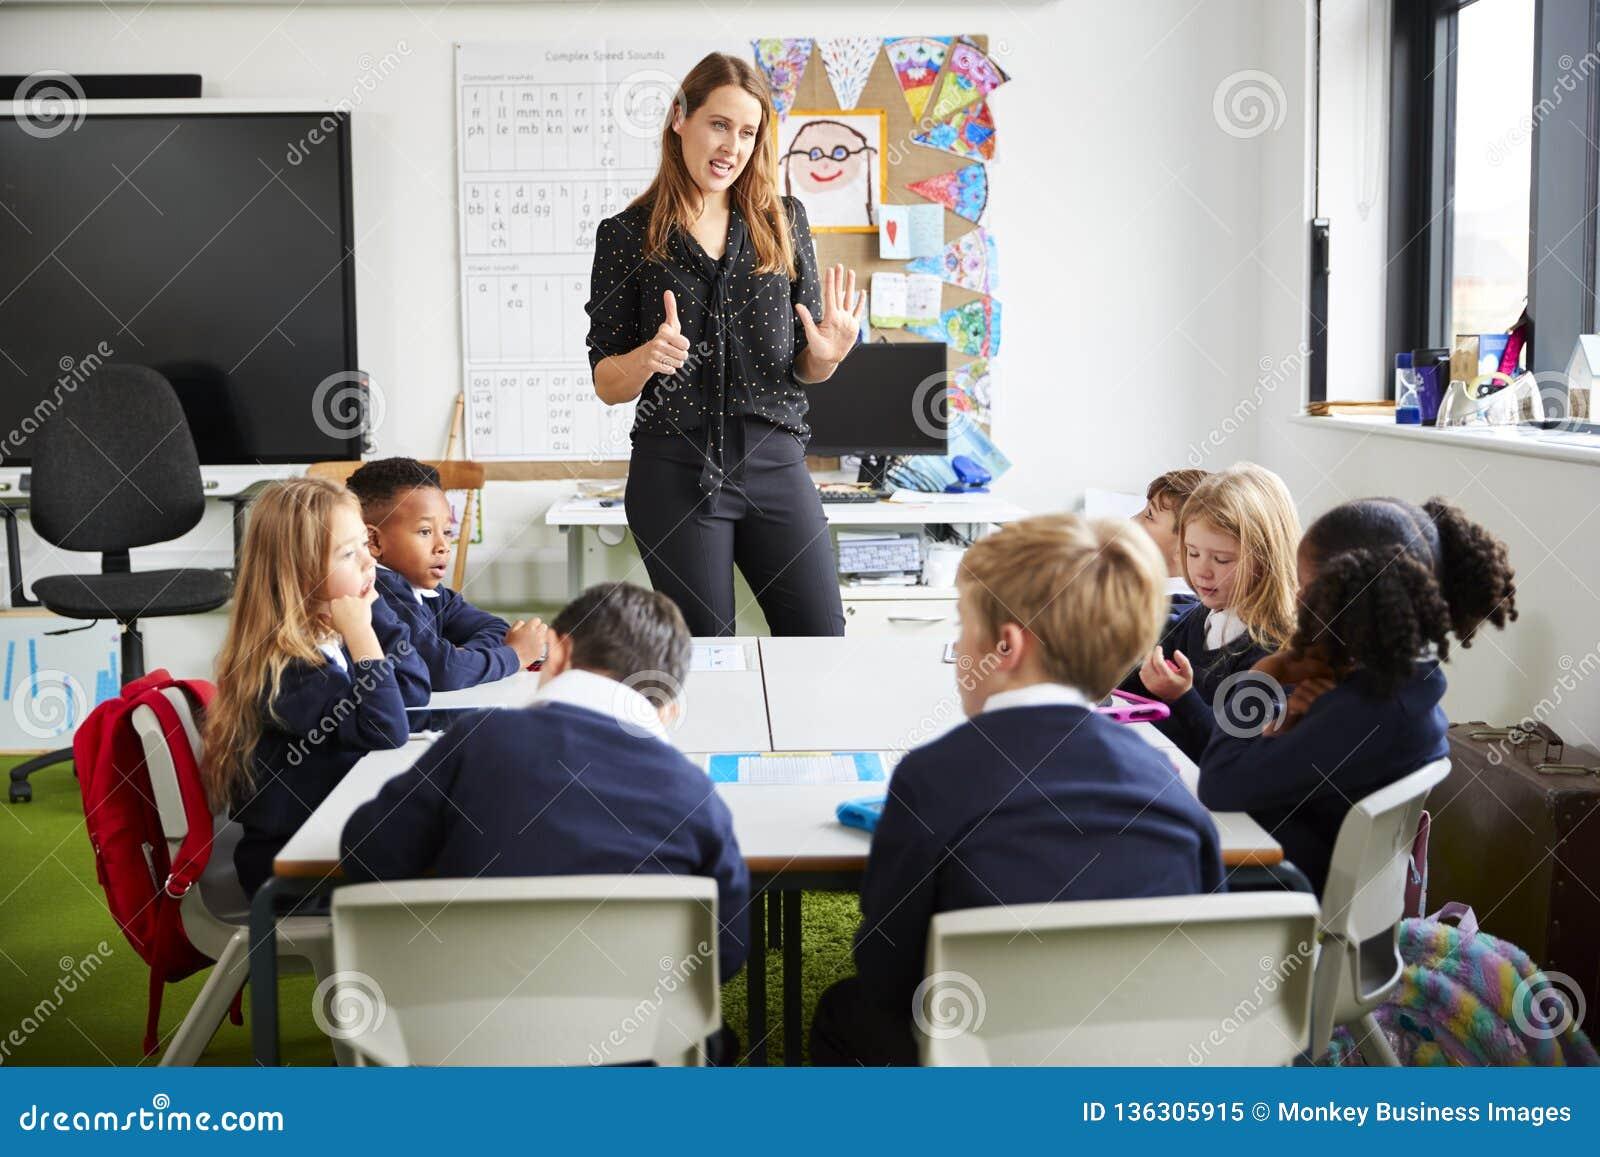 Kvinnligt anseende för skolalärare i ett klassrum som gör en gest till skolbarn som sitter på en tabell som lyssnar